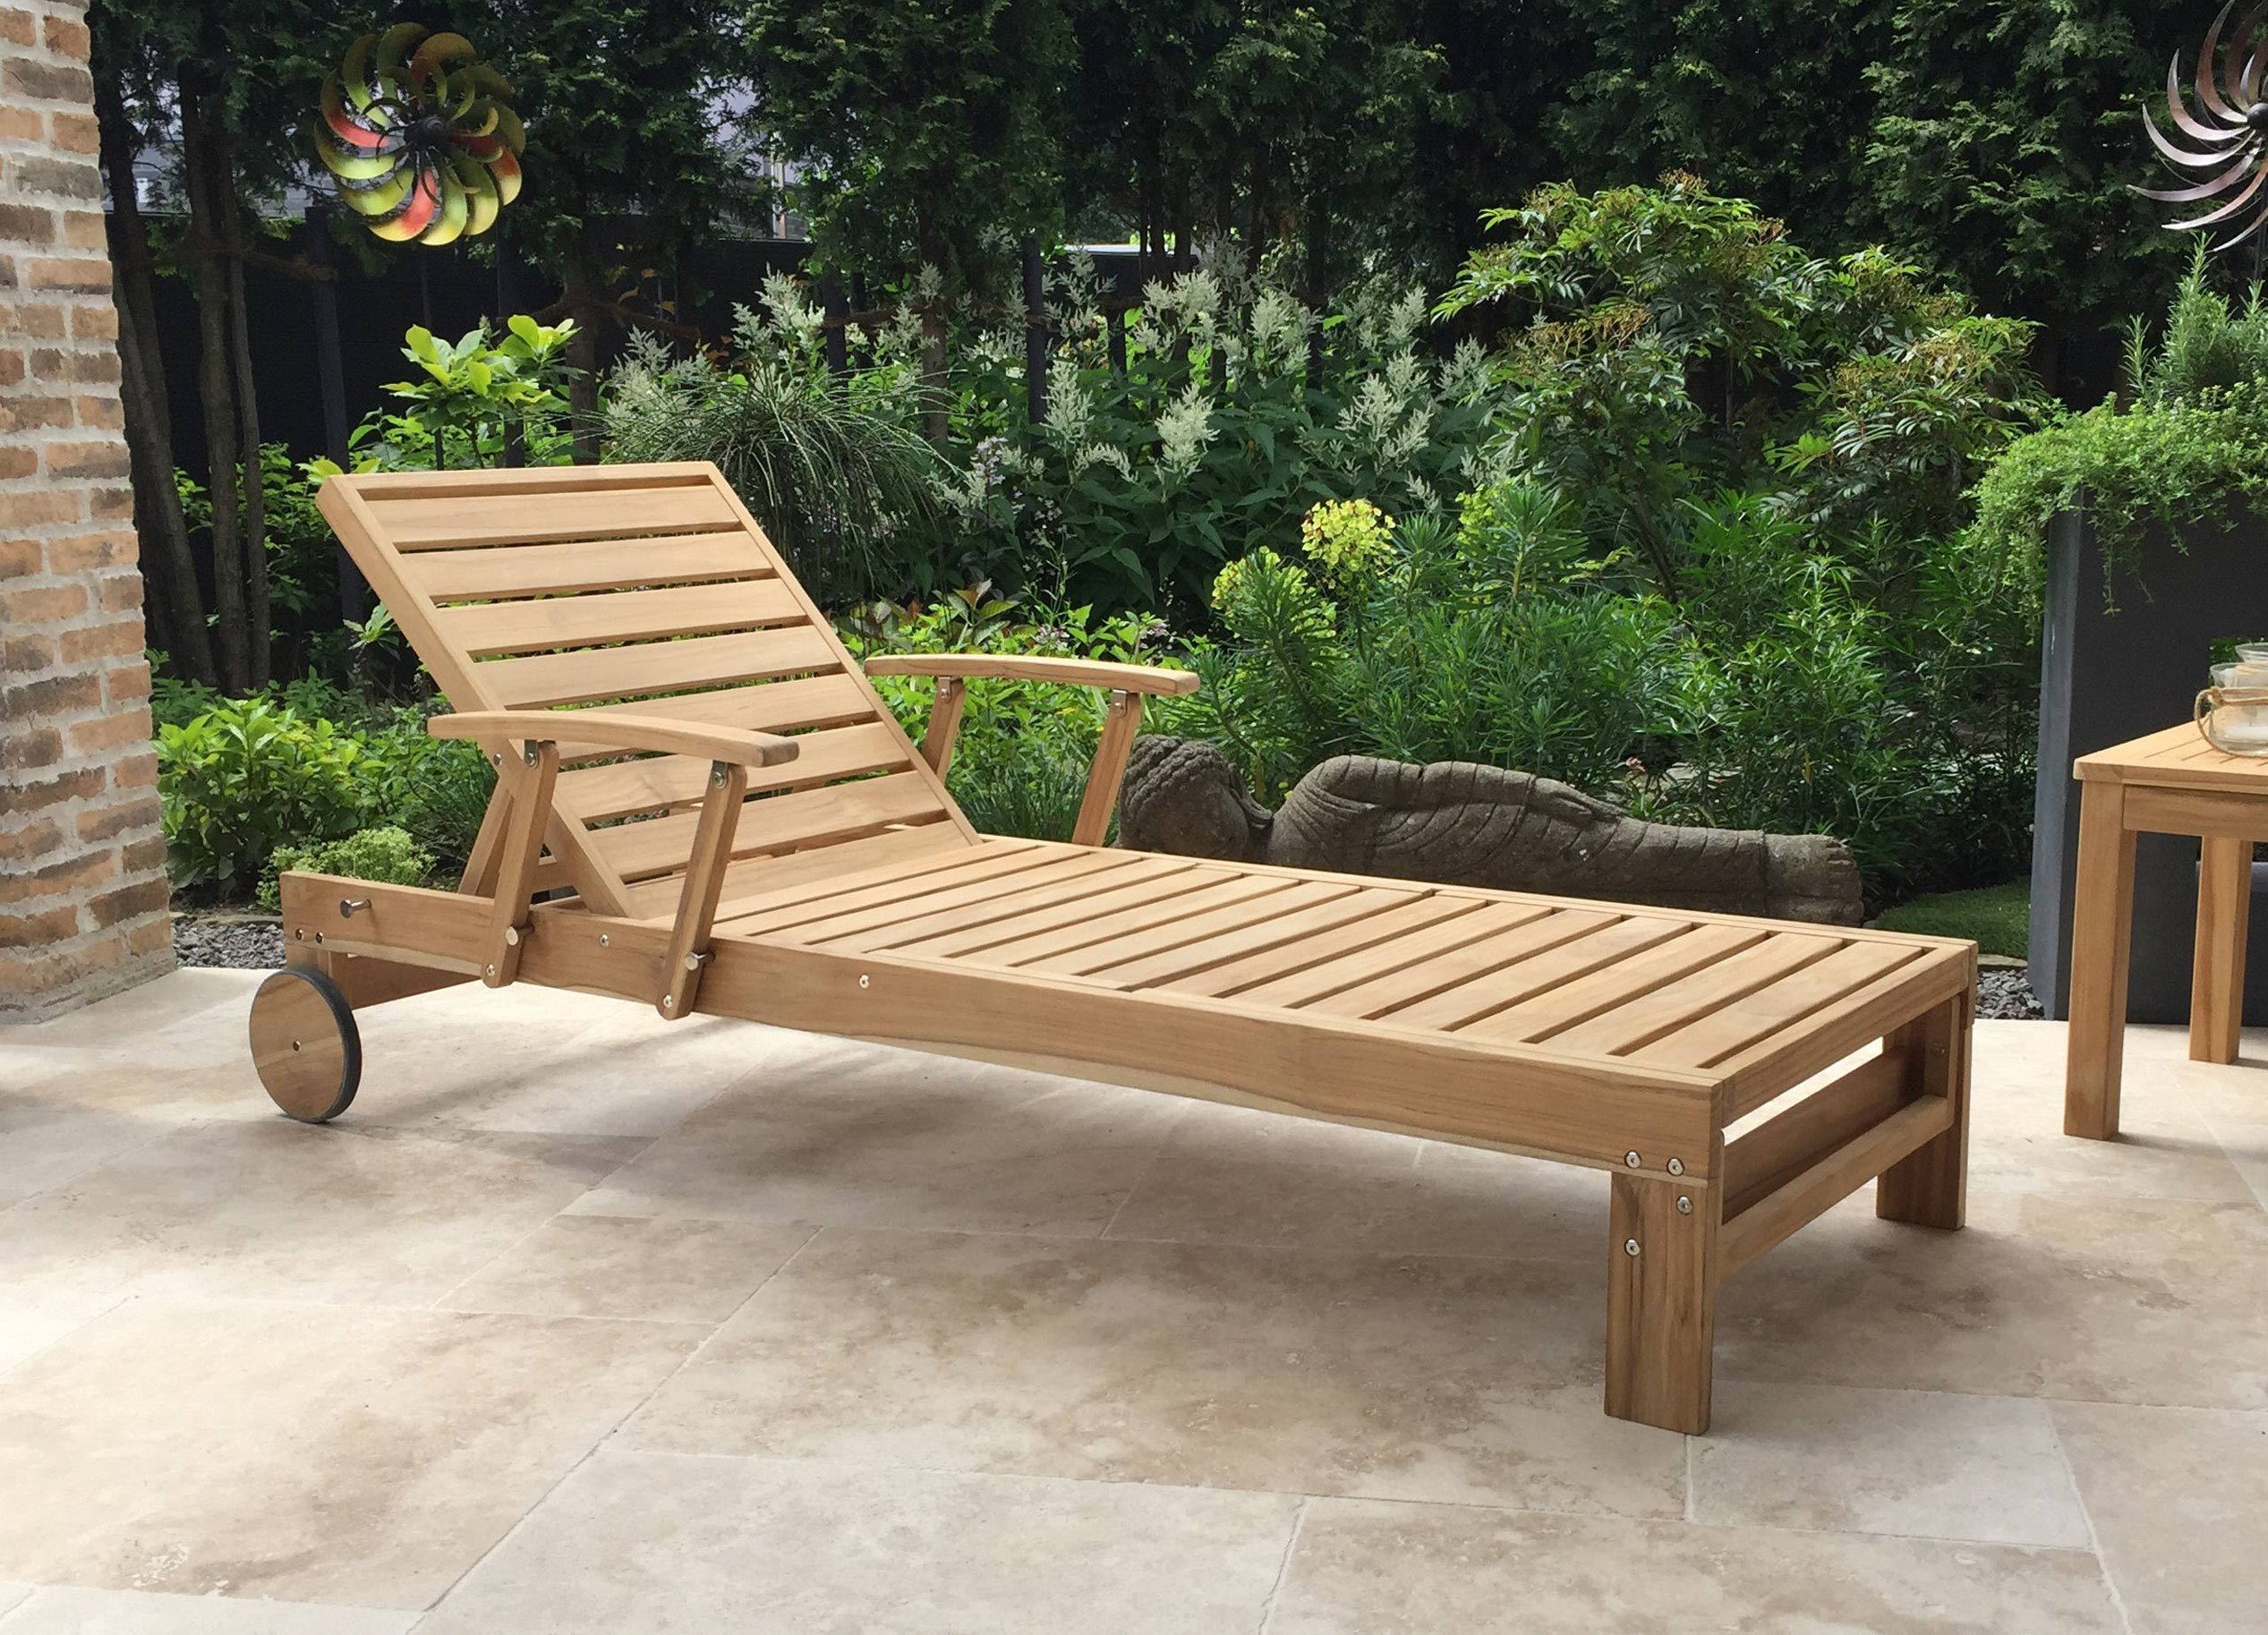 Full Size of Grasekamp Gartenliege Teak Mit Kissen Anthrazit Liegestuhl Sofa Verstellbarer Sitztiefe Relaxliege Wohnzimmer Garten Wohnzimmer Relaxliege Verstellbar